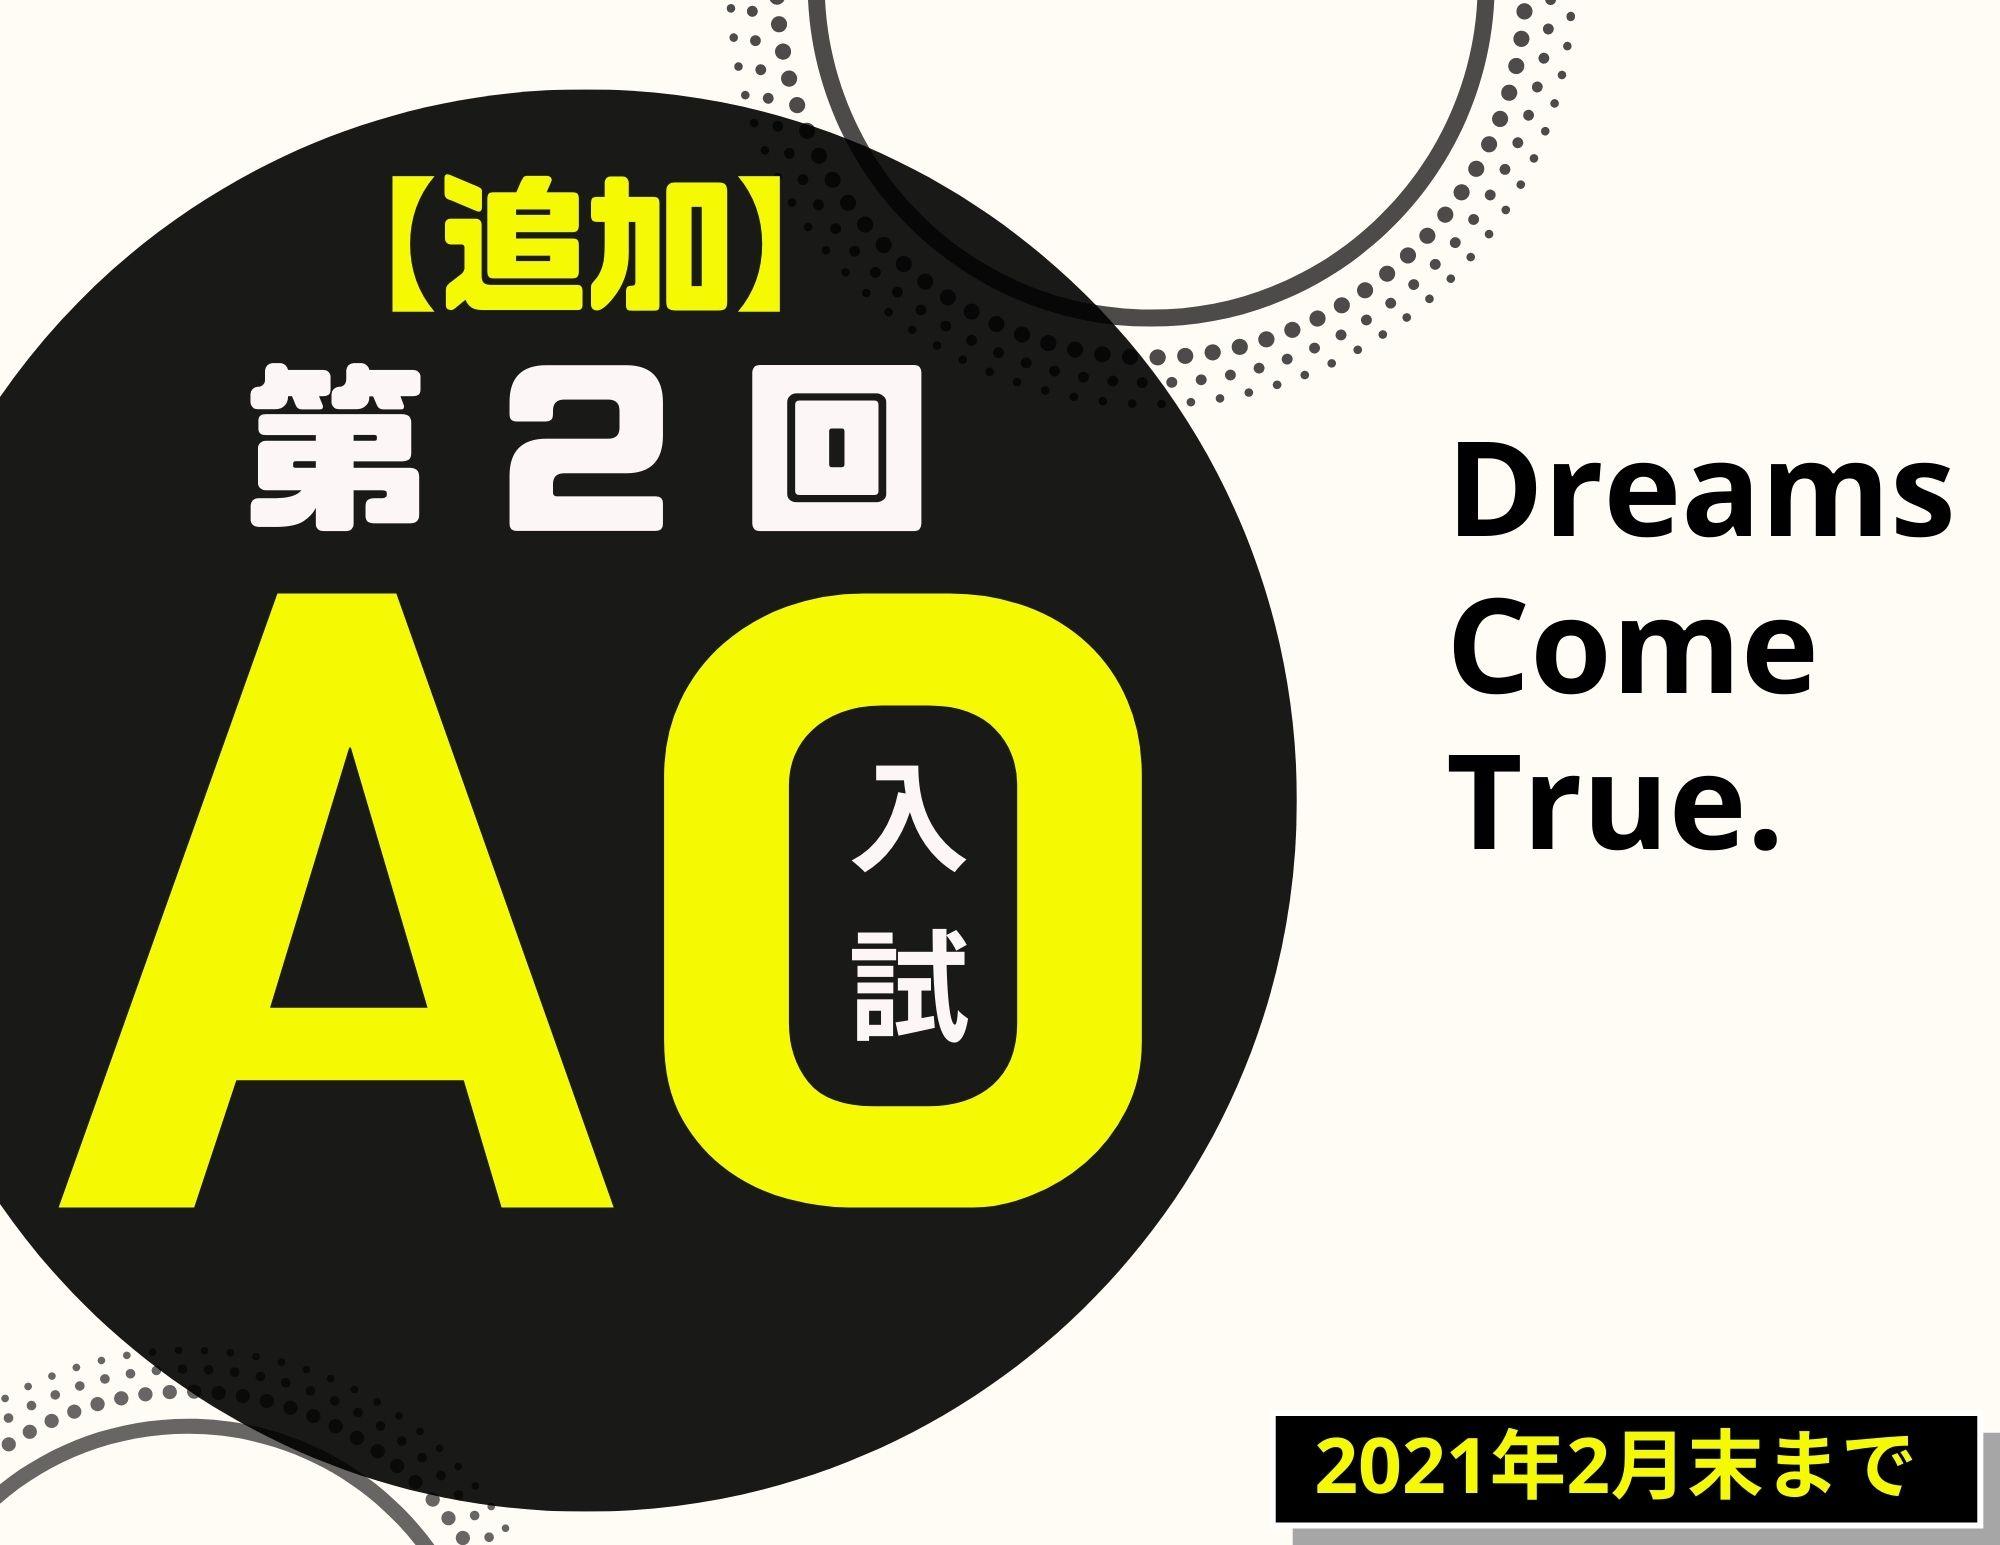 【再掲載】延長:AO入試(2021年4月入学生)